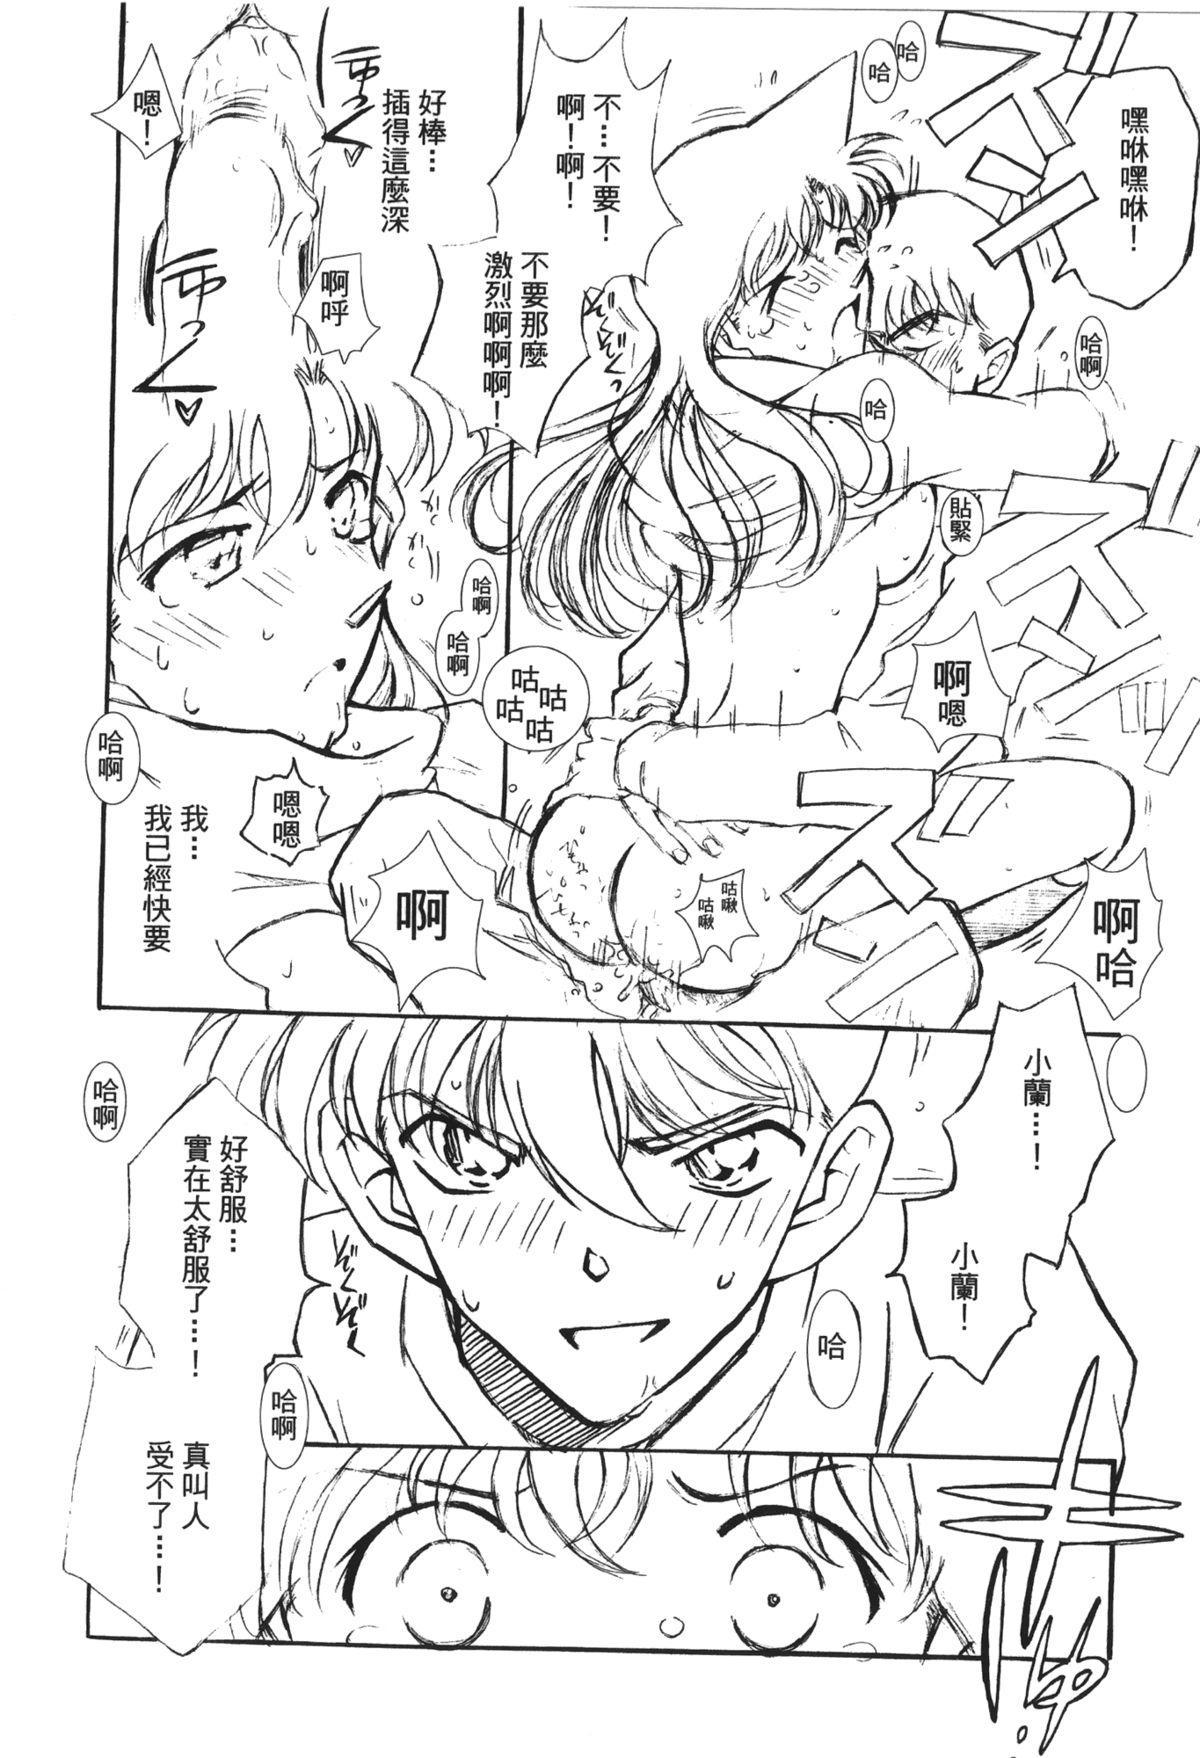 Detective Assistant Vol. 13 110